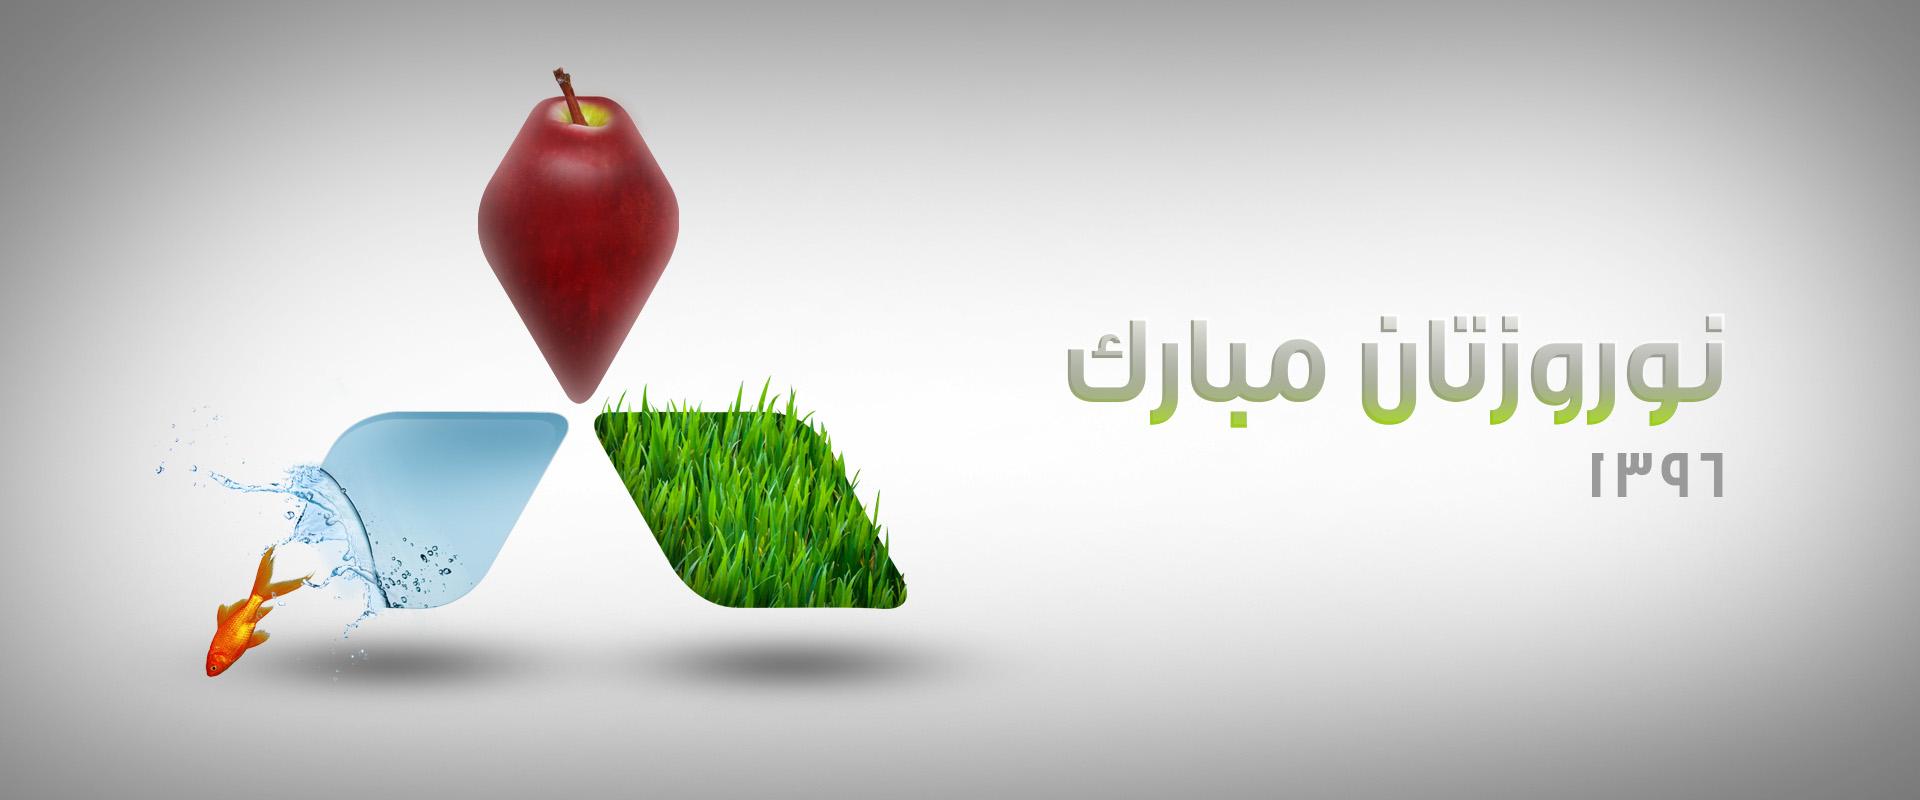 Happy Norooz 96 نوروز 96